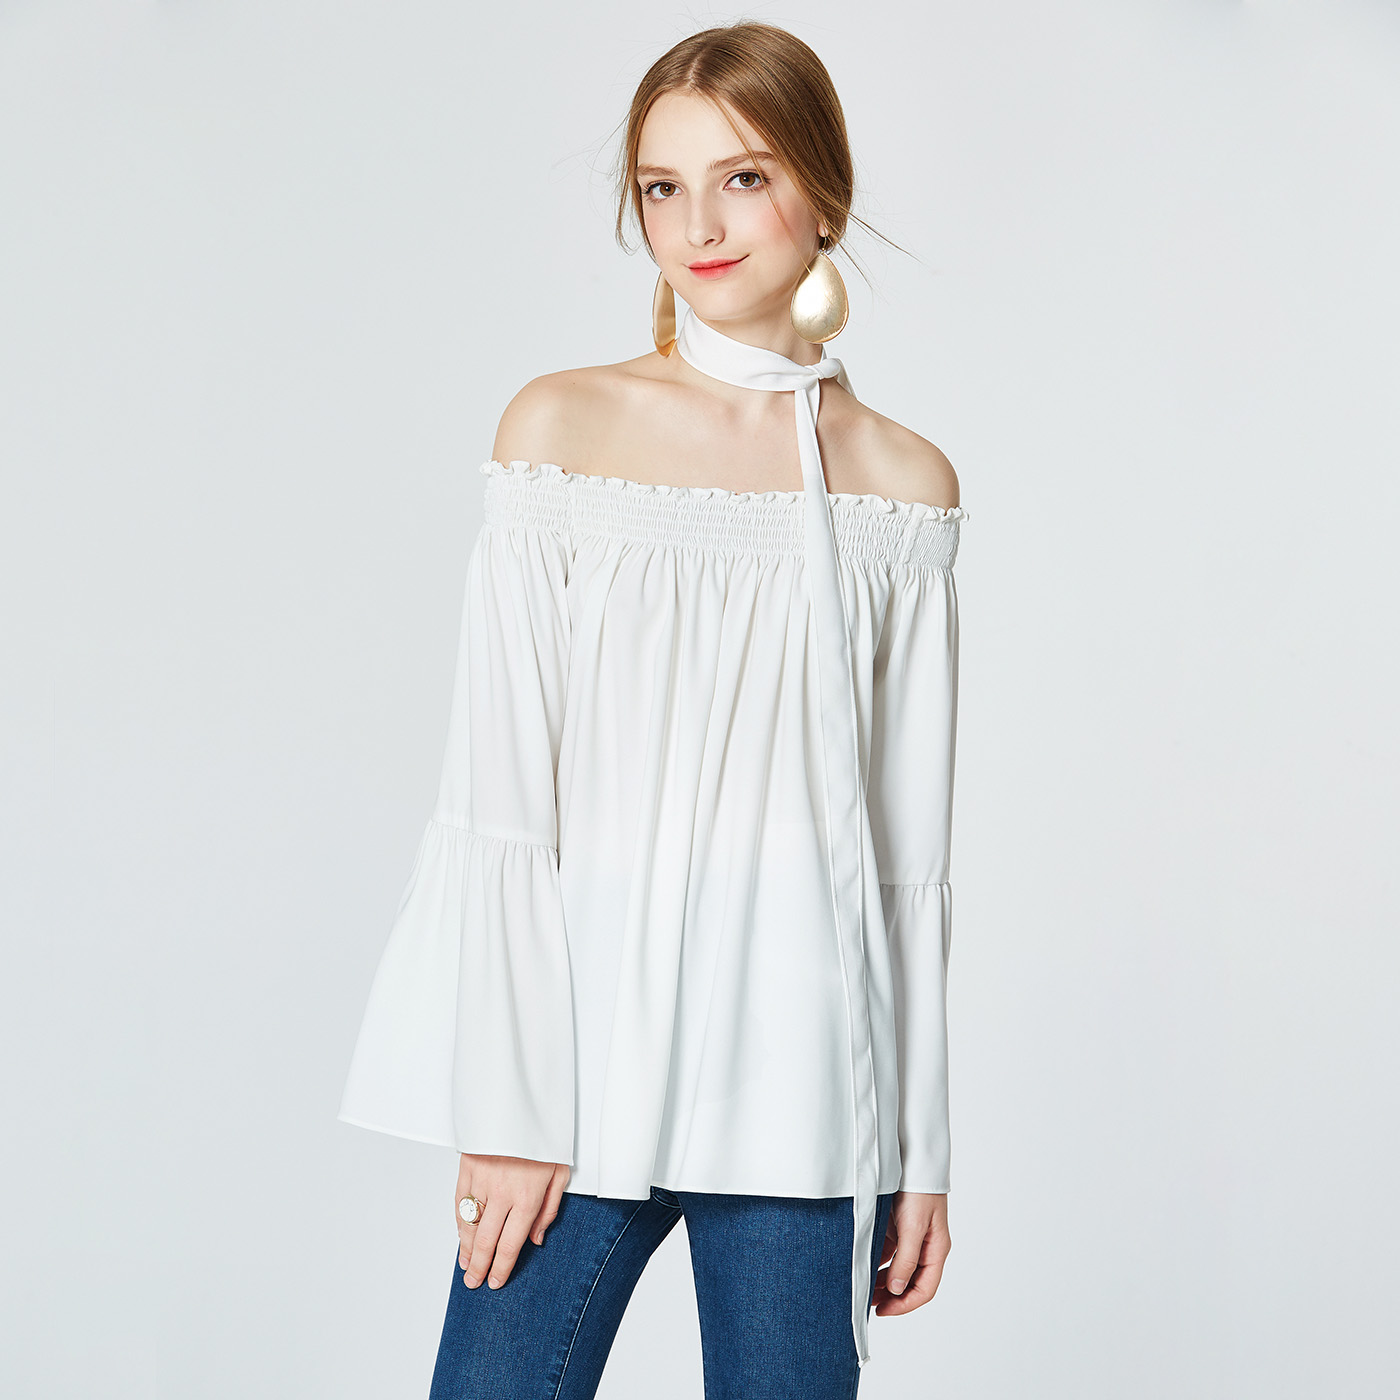 糖力春装新款欧美女装白色一领露肩荷叶袖上衣时尚百搭T恤